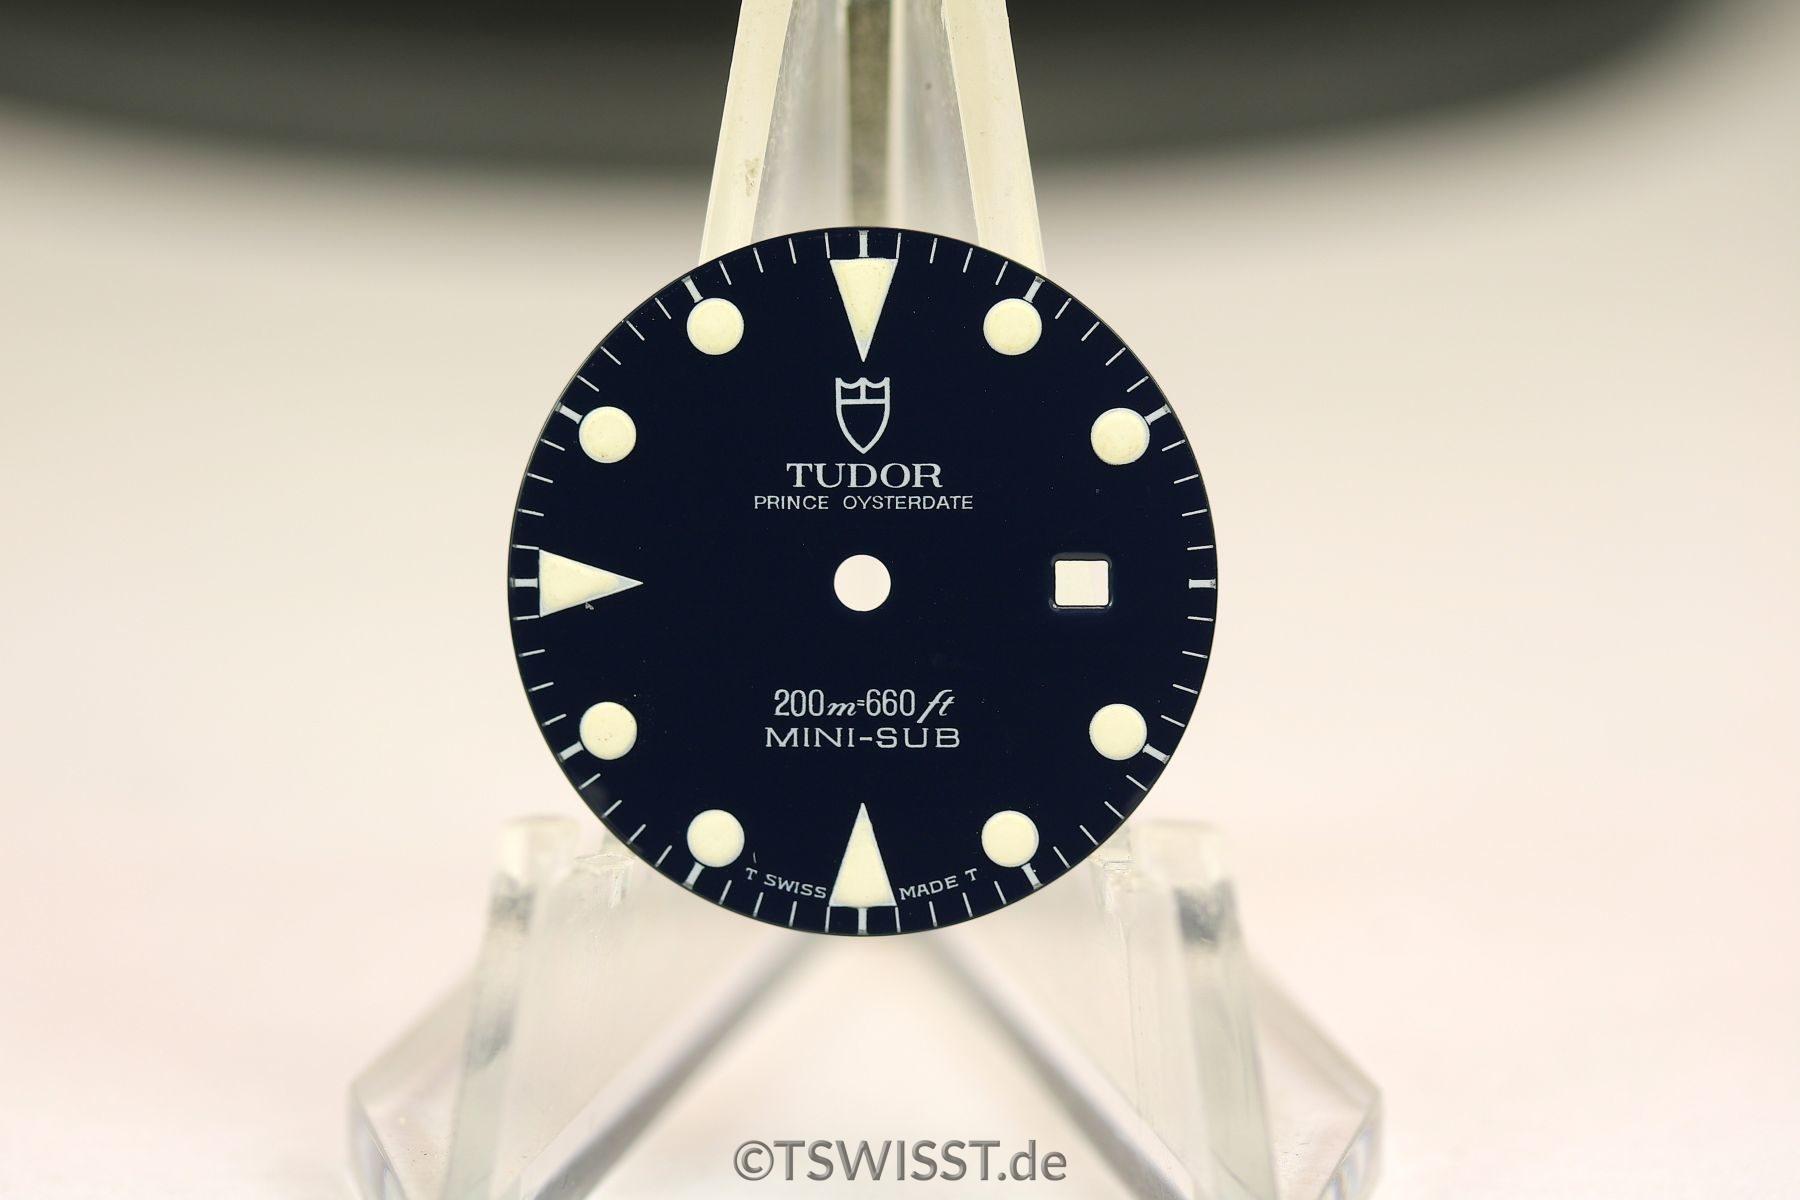 Tudor Mini Sub dial